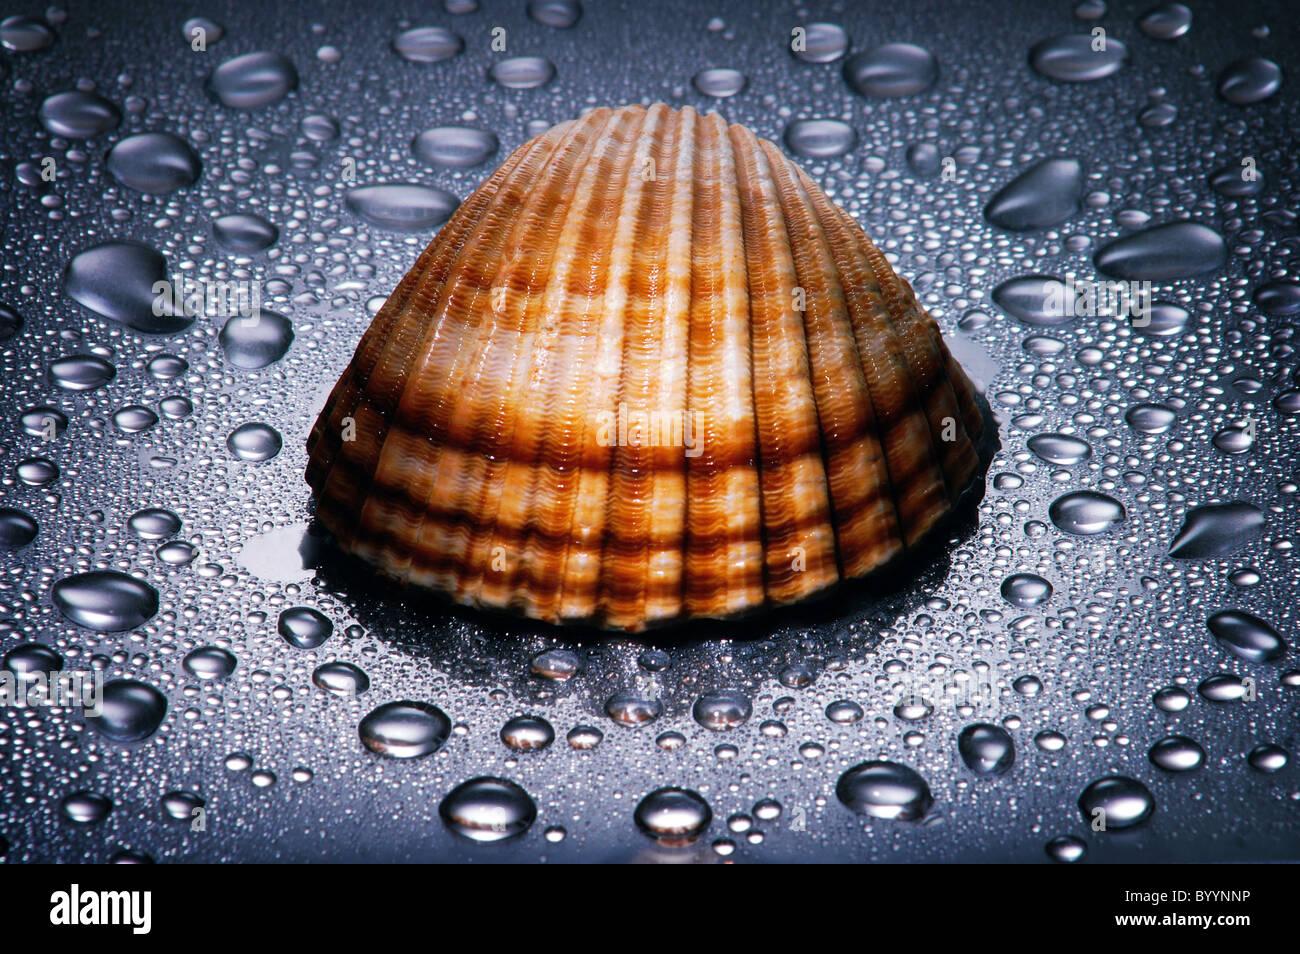 El Seashell, gotas de agua , iluminación dramática , cerrar Imagen De Stock